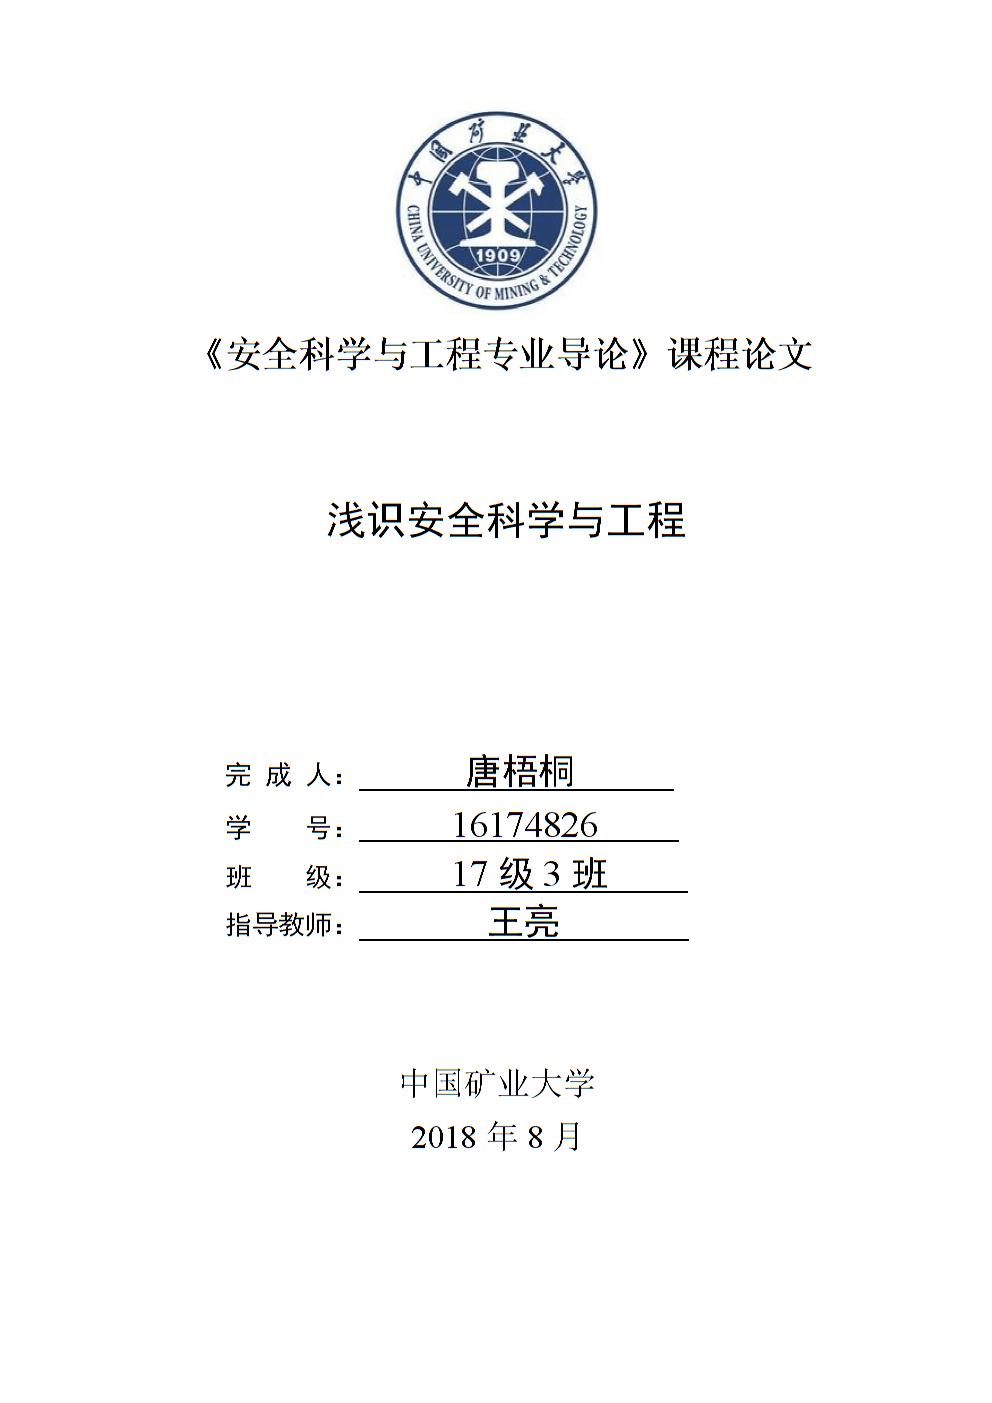 安全工程课程导论论文模板1.docx